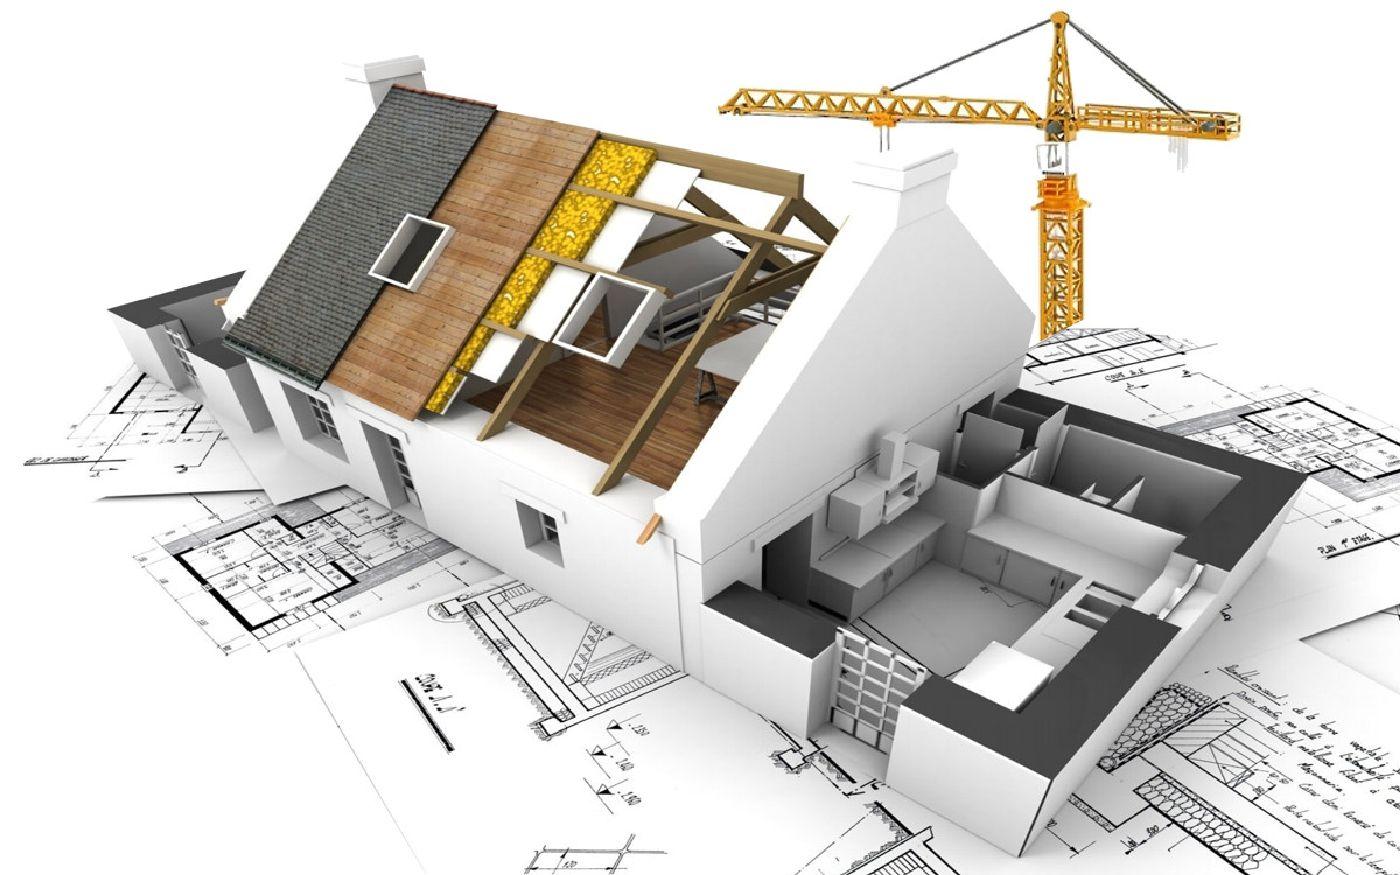 Venta de pisos de obra nueva en zaragoza for Piso obra nueva zaragoza